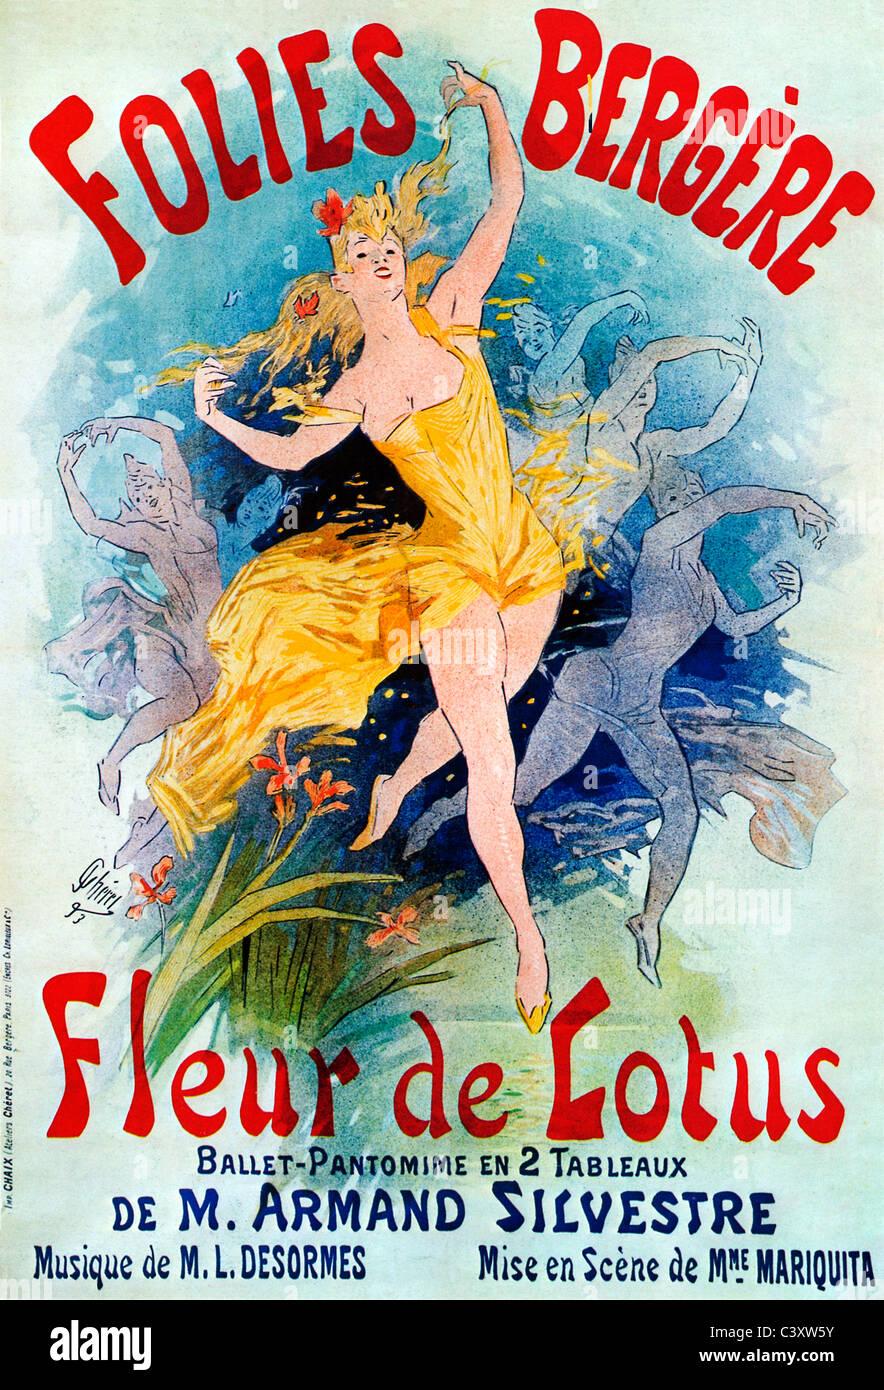 Fleur De Lotus Dijon jules cheret stock photos & jules cheret stock images - page